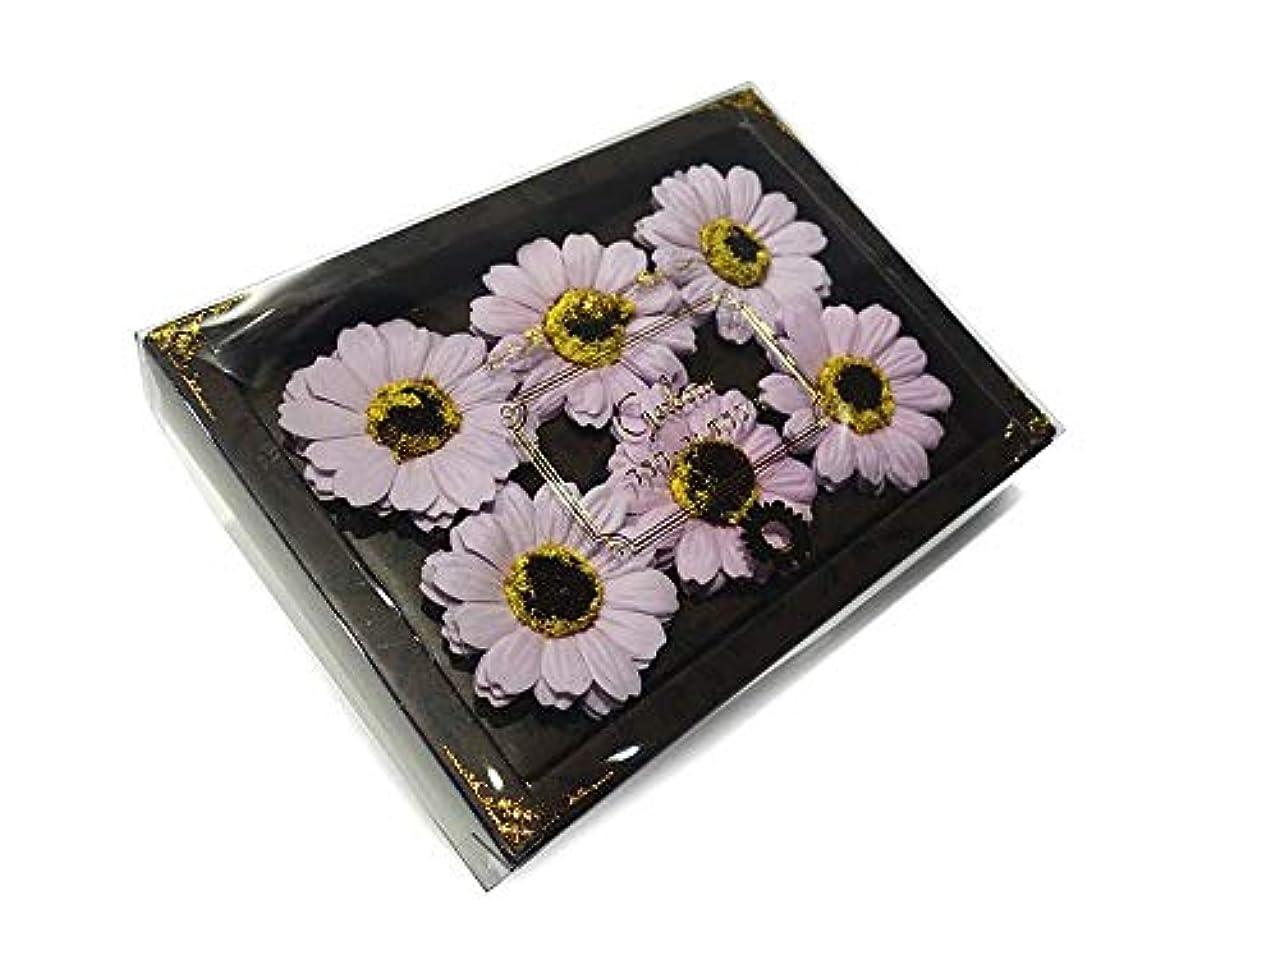 ルート床若い花のカタチの入浴剤 ガーベラ バスフレグランス フラワーフレグランス バスフラワー (ライトパープル)